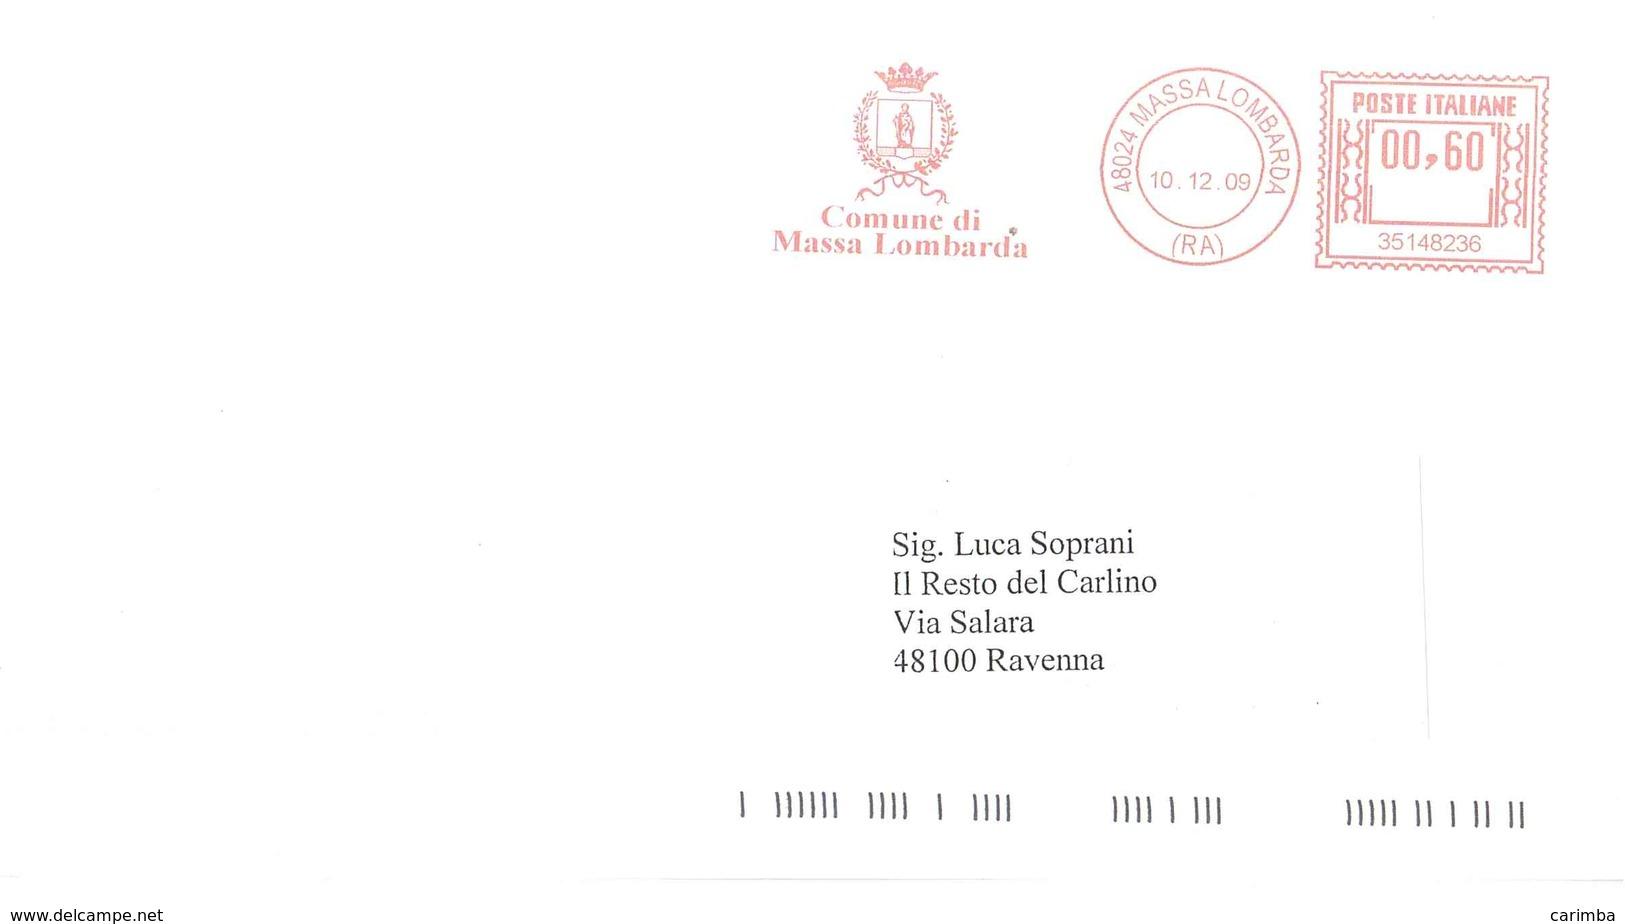 COMUNE DI MASSA LOMBARDA - Affrancature Meccaniche Rosse (EMA)